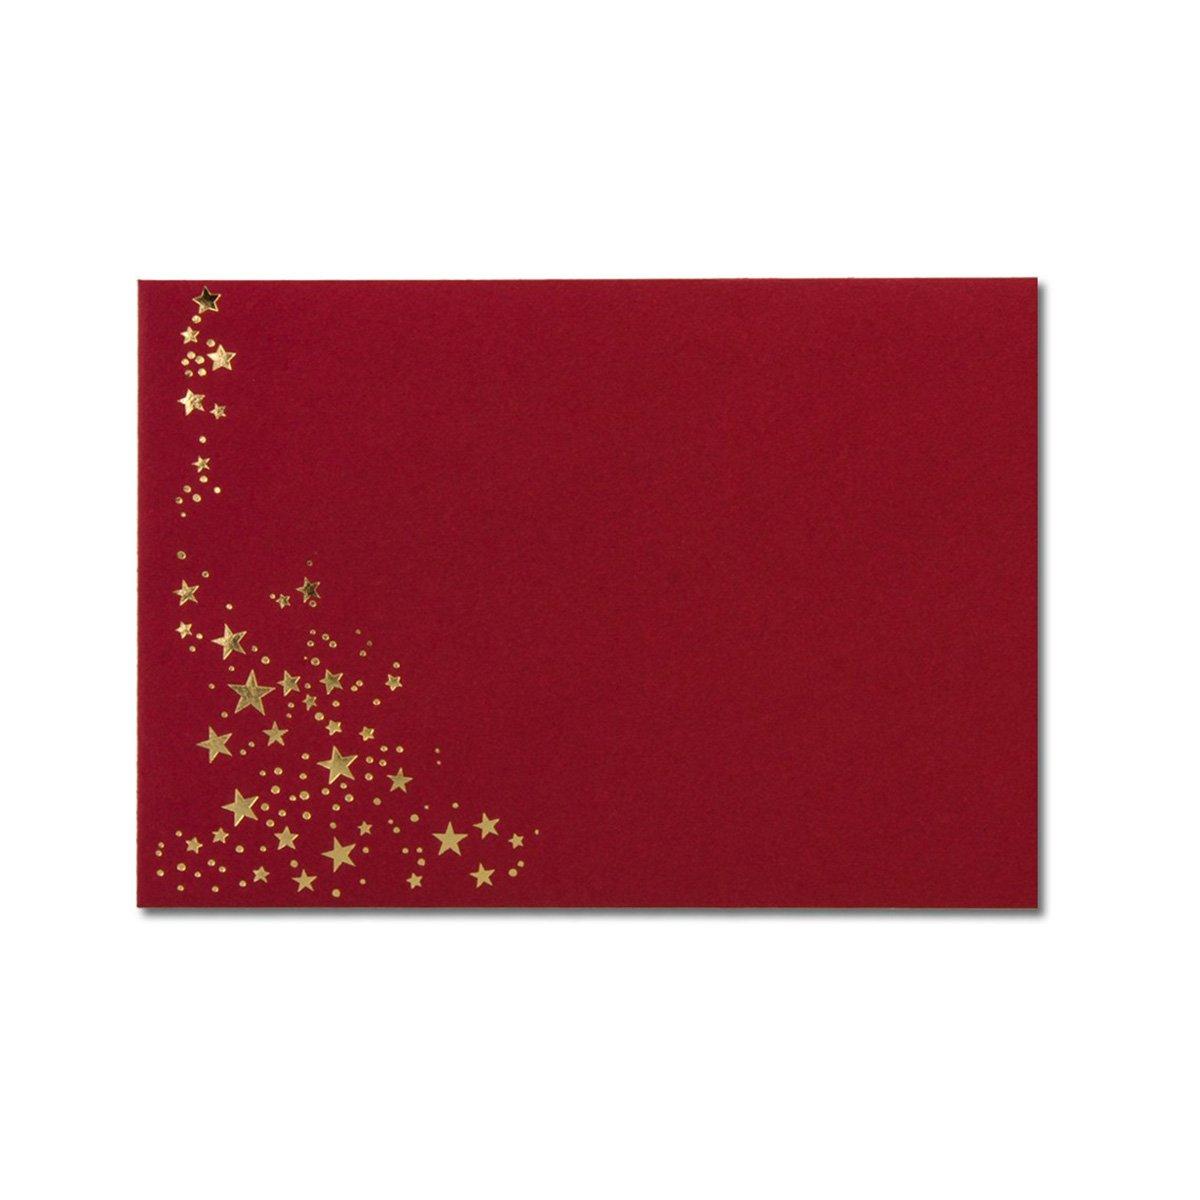 300x Weihnachts-Briefumschläge   DIN DIN DIN C6   mit Gold-Metallic geprägtem Sternenregen  Farbe  Sandbraun  Nassklebung, 120 g m²   114 x 162 mm   Marke  GUSTAV NEUSER® B01JJ76GOS | Shop Düsseldorf  | Offizielle  | Erste in seiner Klasse  78ad22